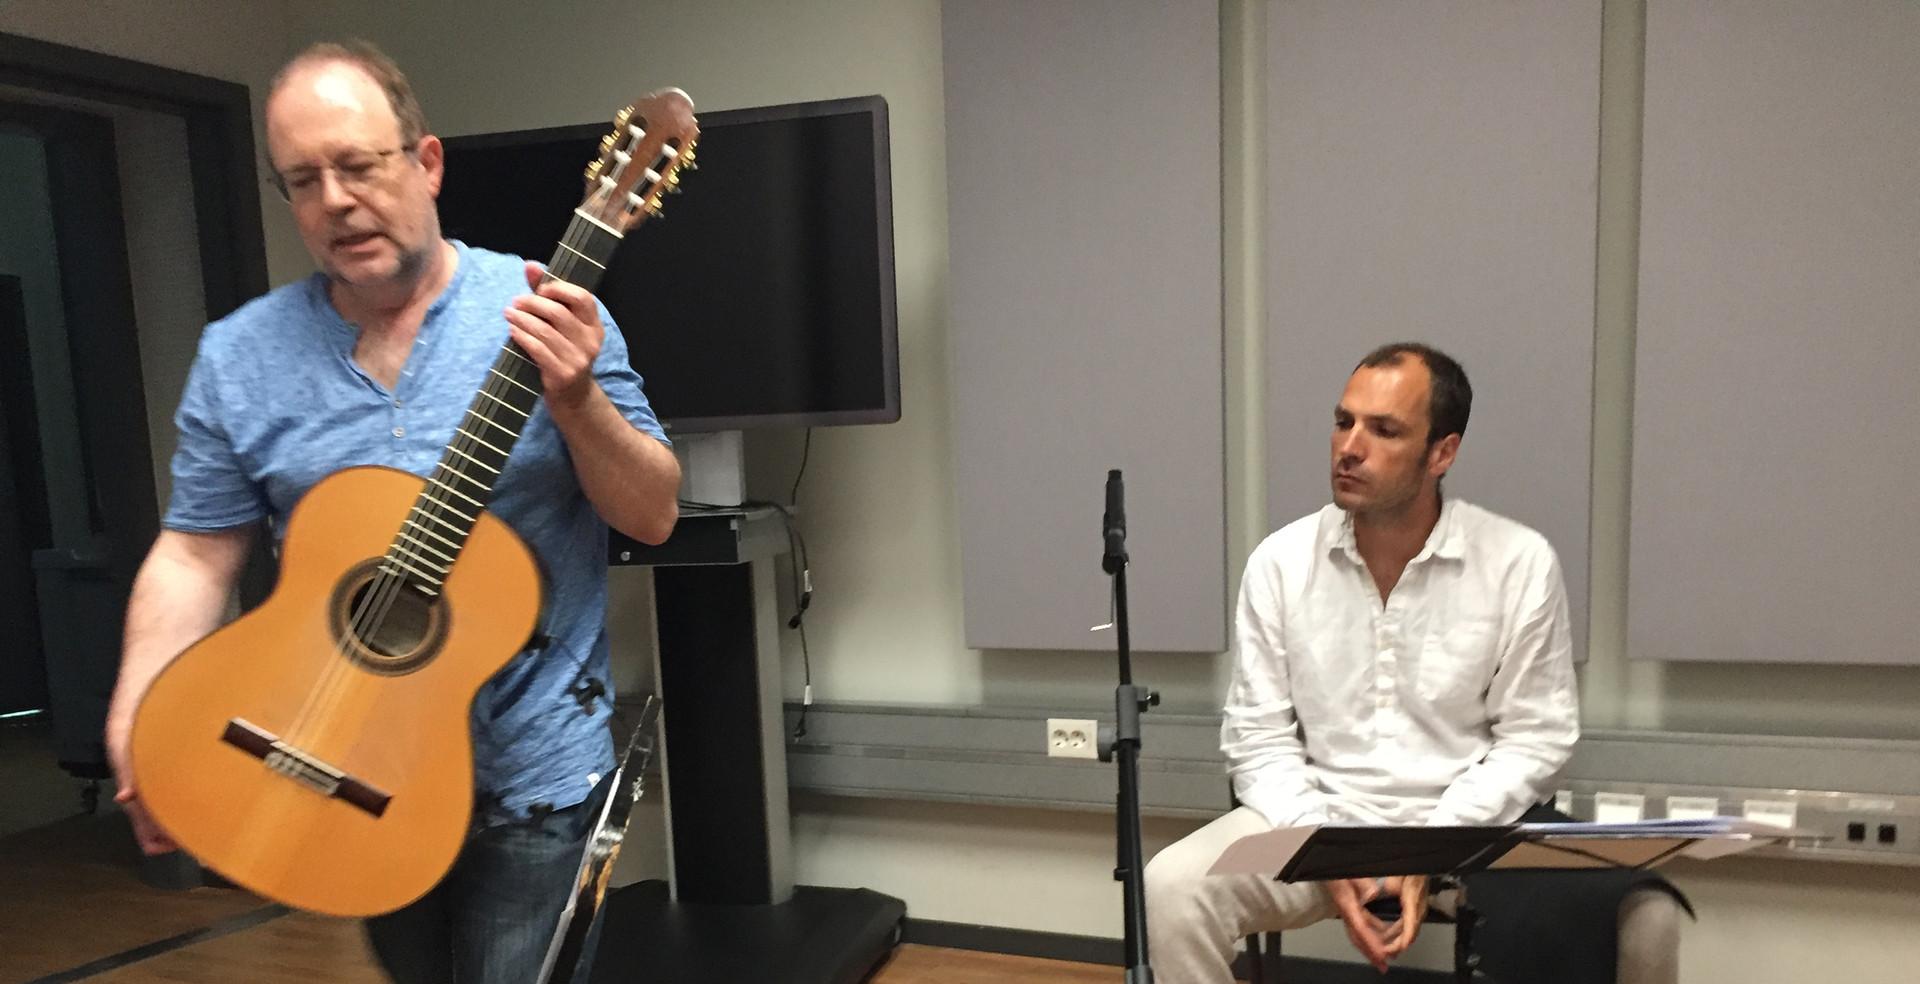 """Jörg Mainka """"Gefrorene Erinnerungen"""" (for  guitar quartet und Lotusflöten)rehearsal 2019"""